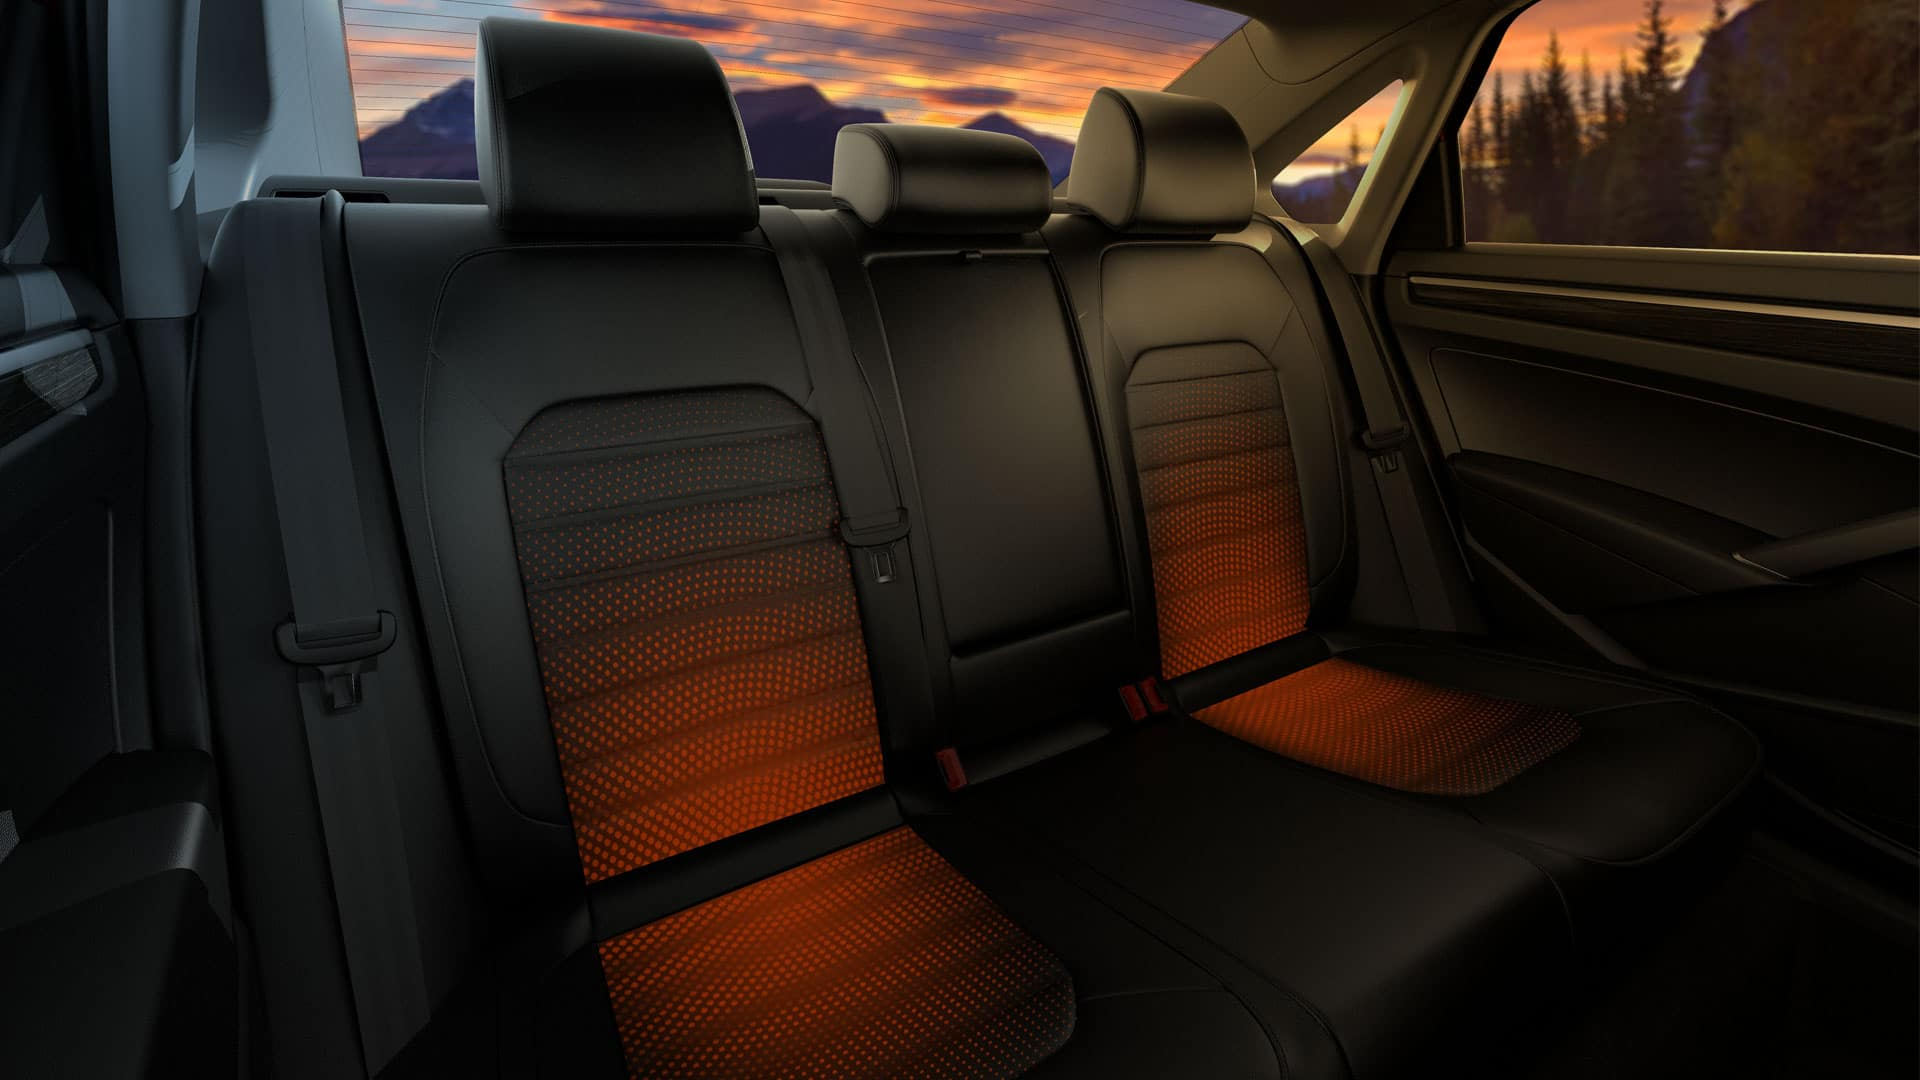 2019 VW Passat heated seats